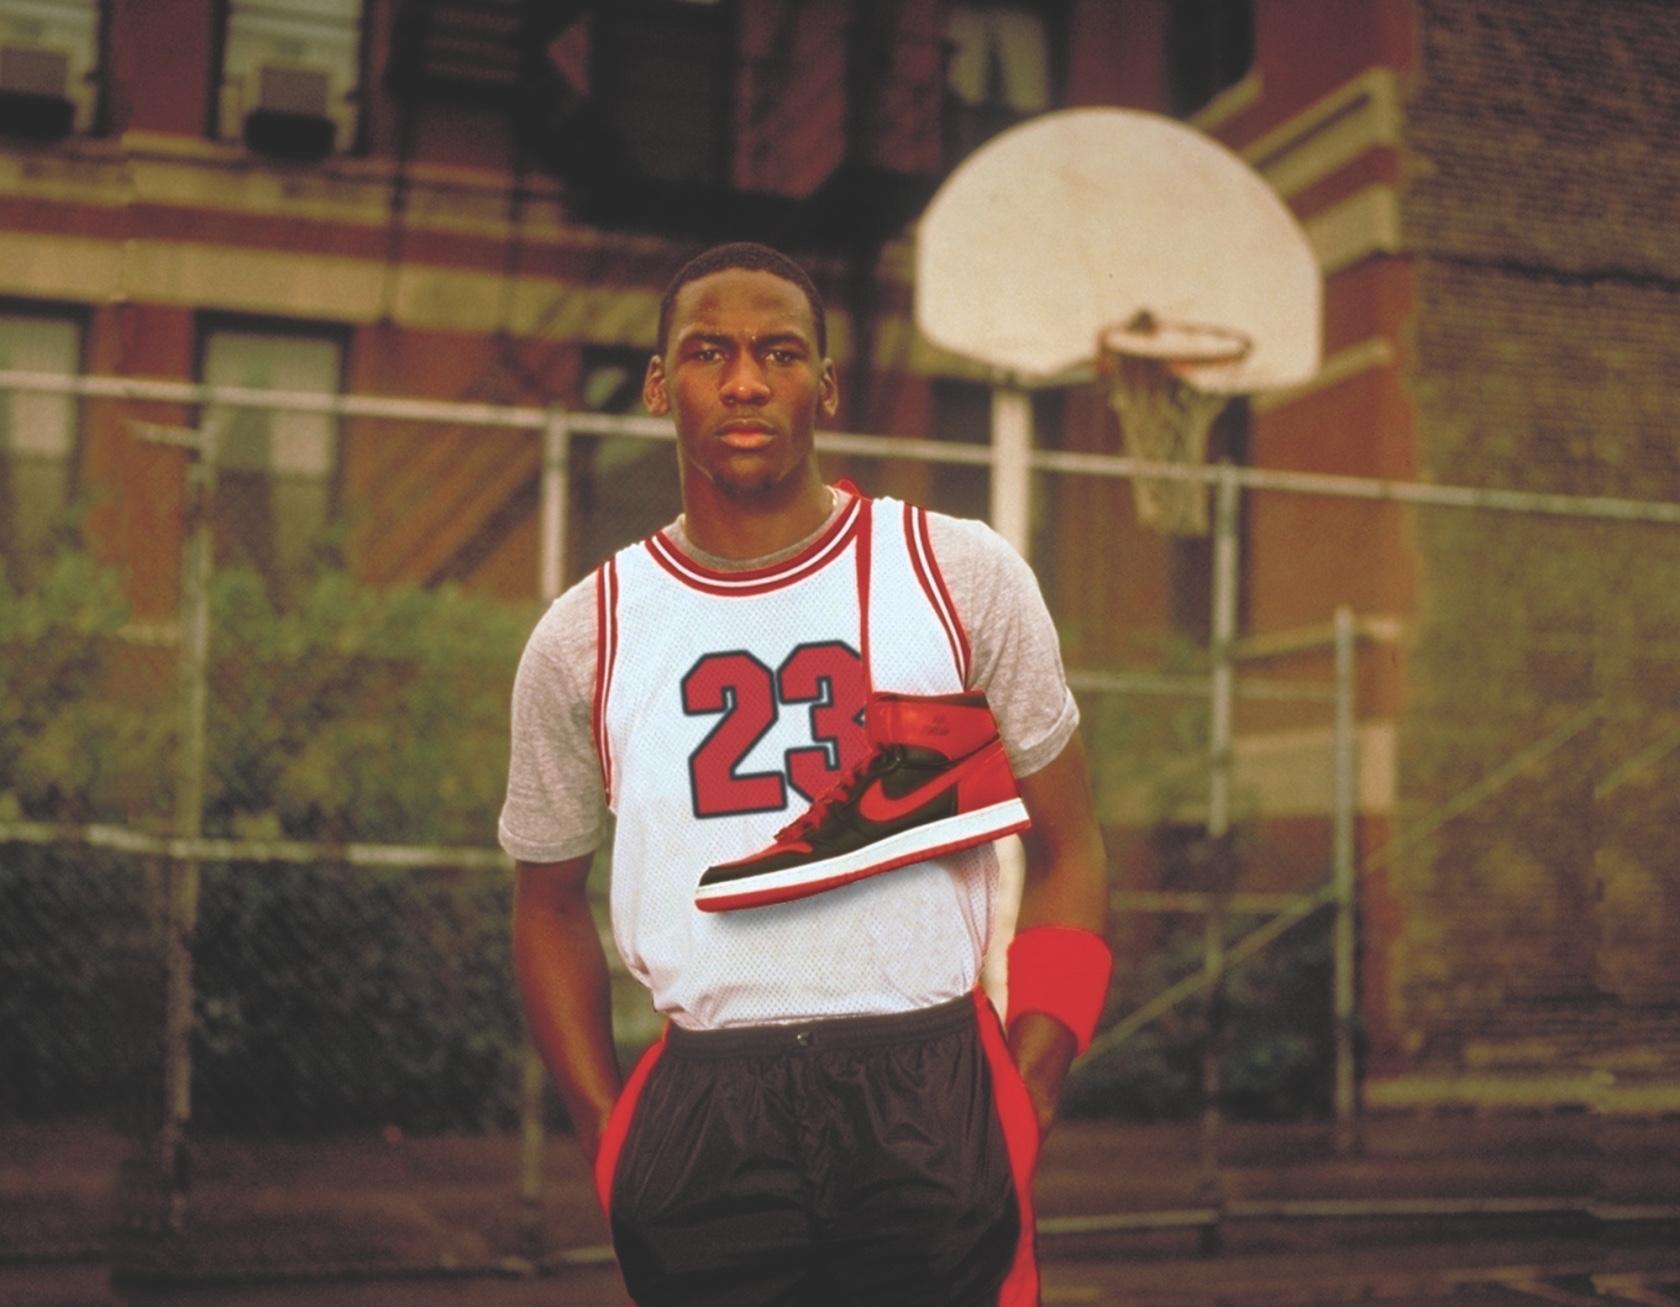 Michael-Jordan-Air-Jordan-1